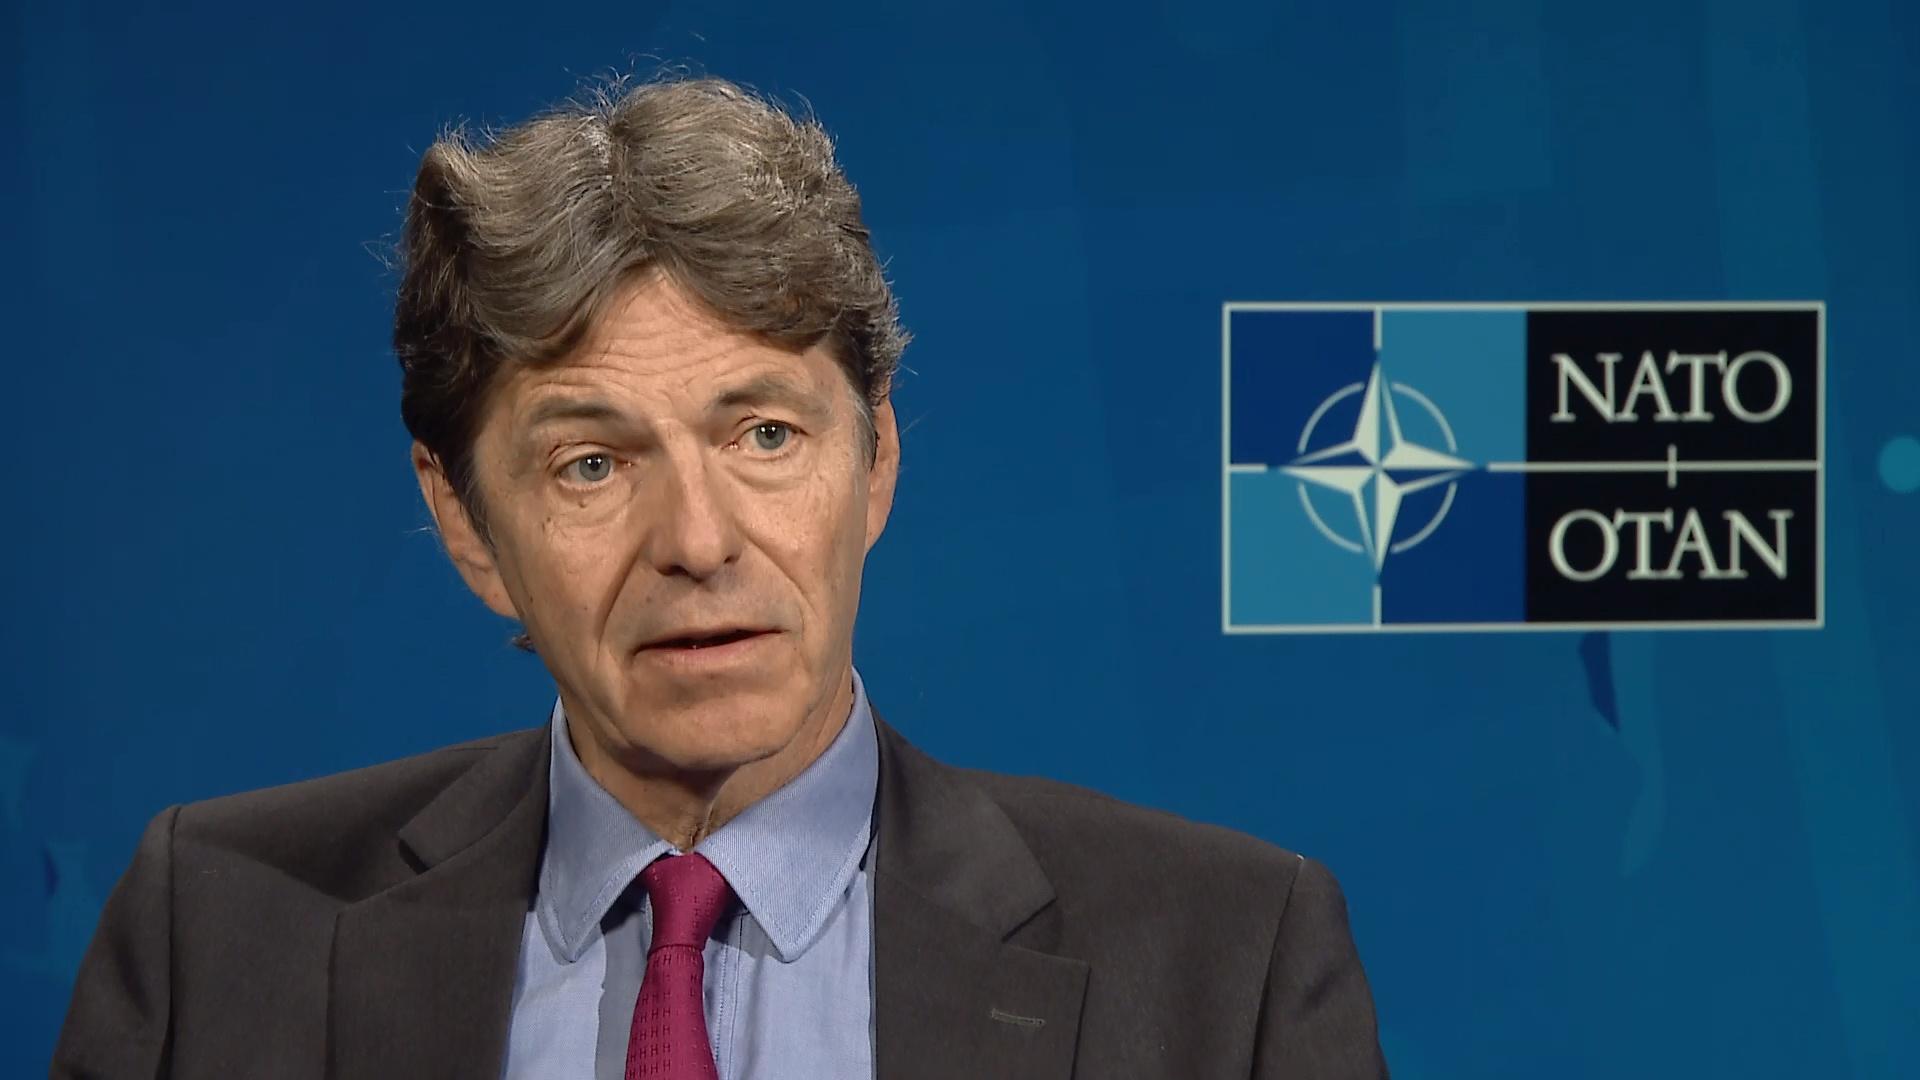 Šéf zpravodajců NATO Arndt Freytag von Loringhoven